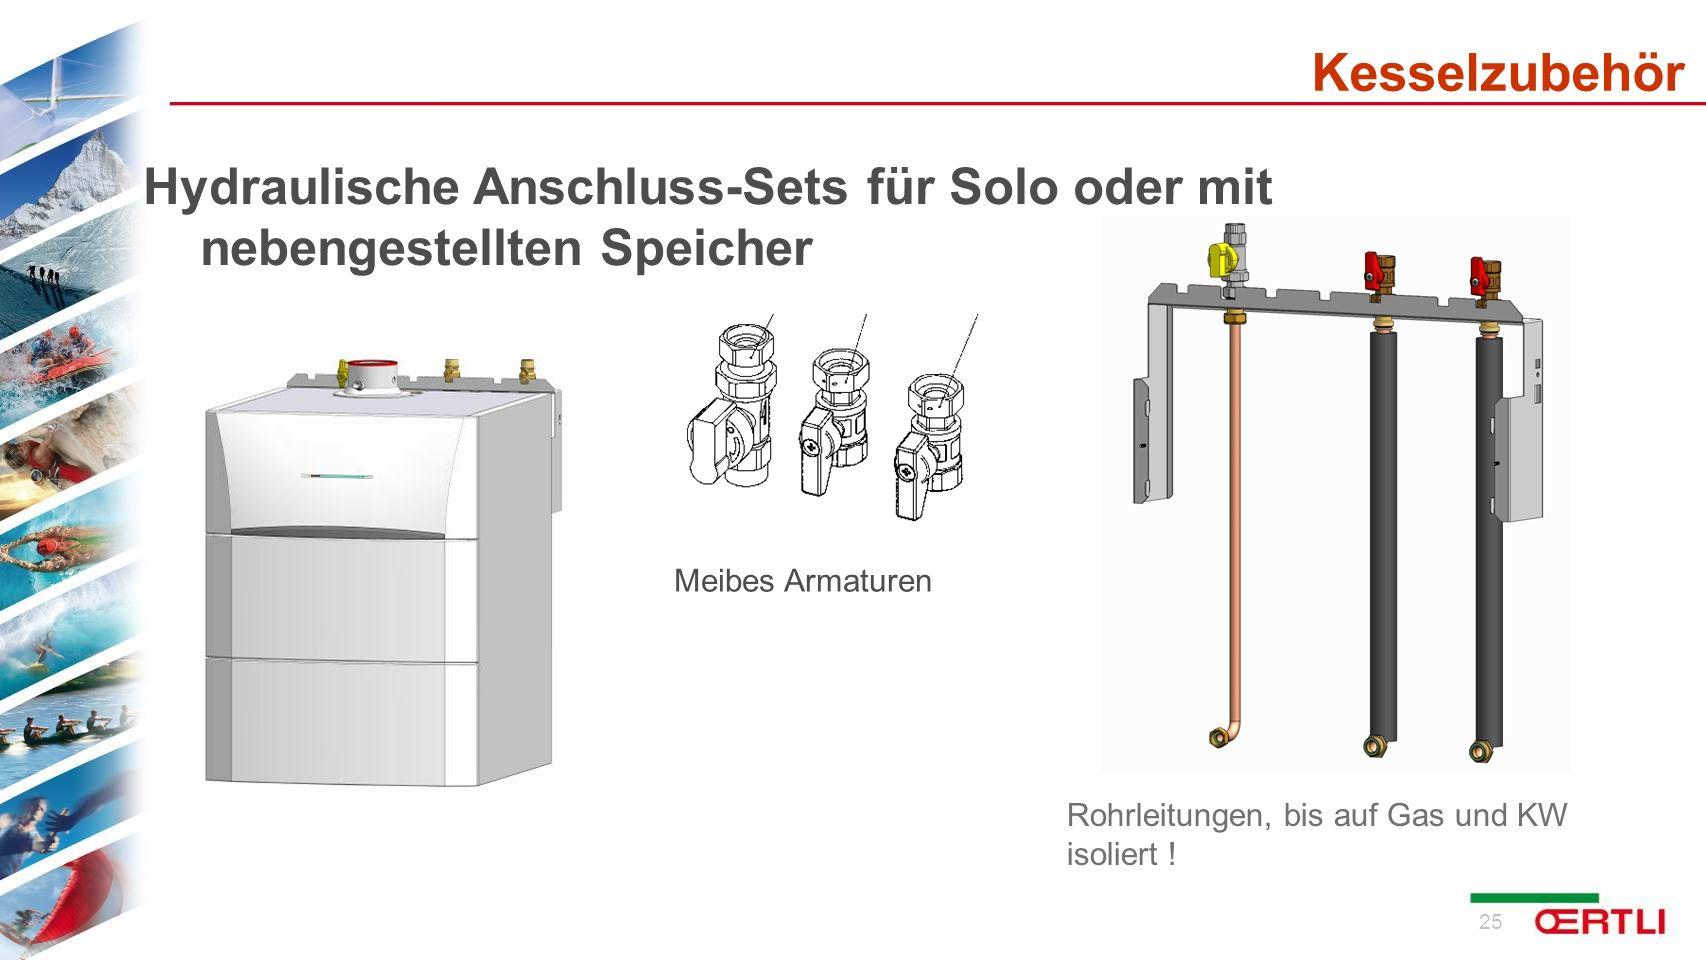 KesselzubehörHydraulische Anschluss-Sets für Solo oder mit nebengestellten Speicher. Meibes Armaturen.